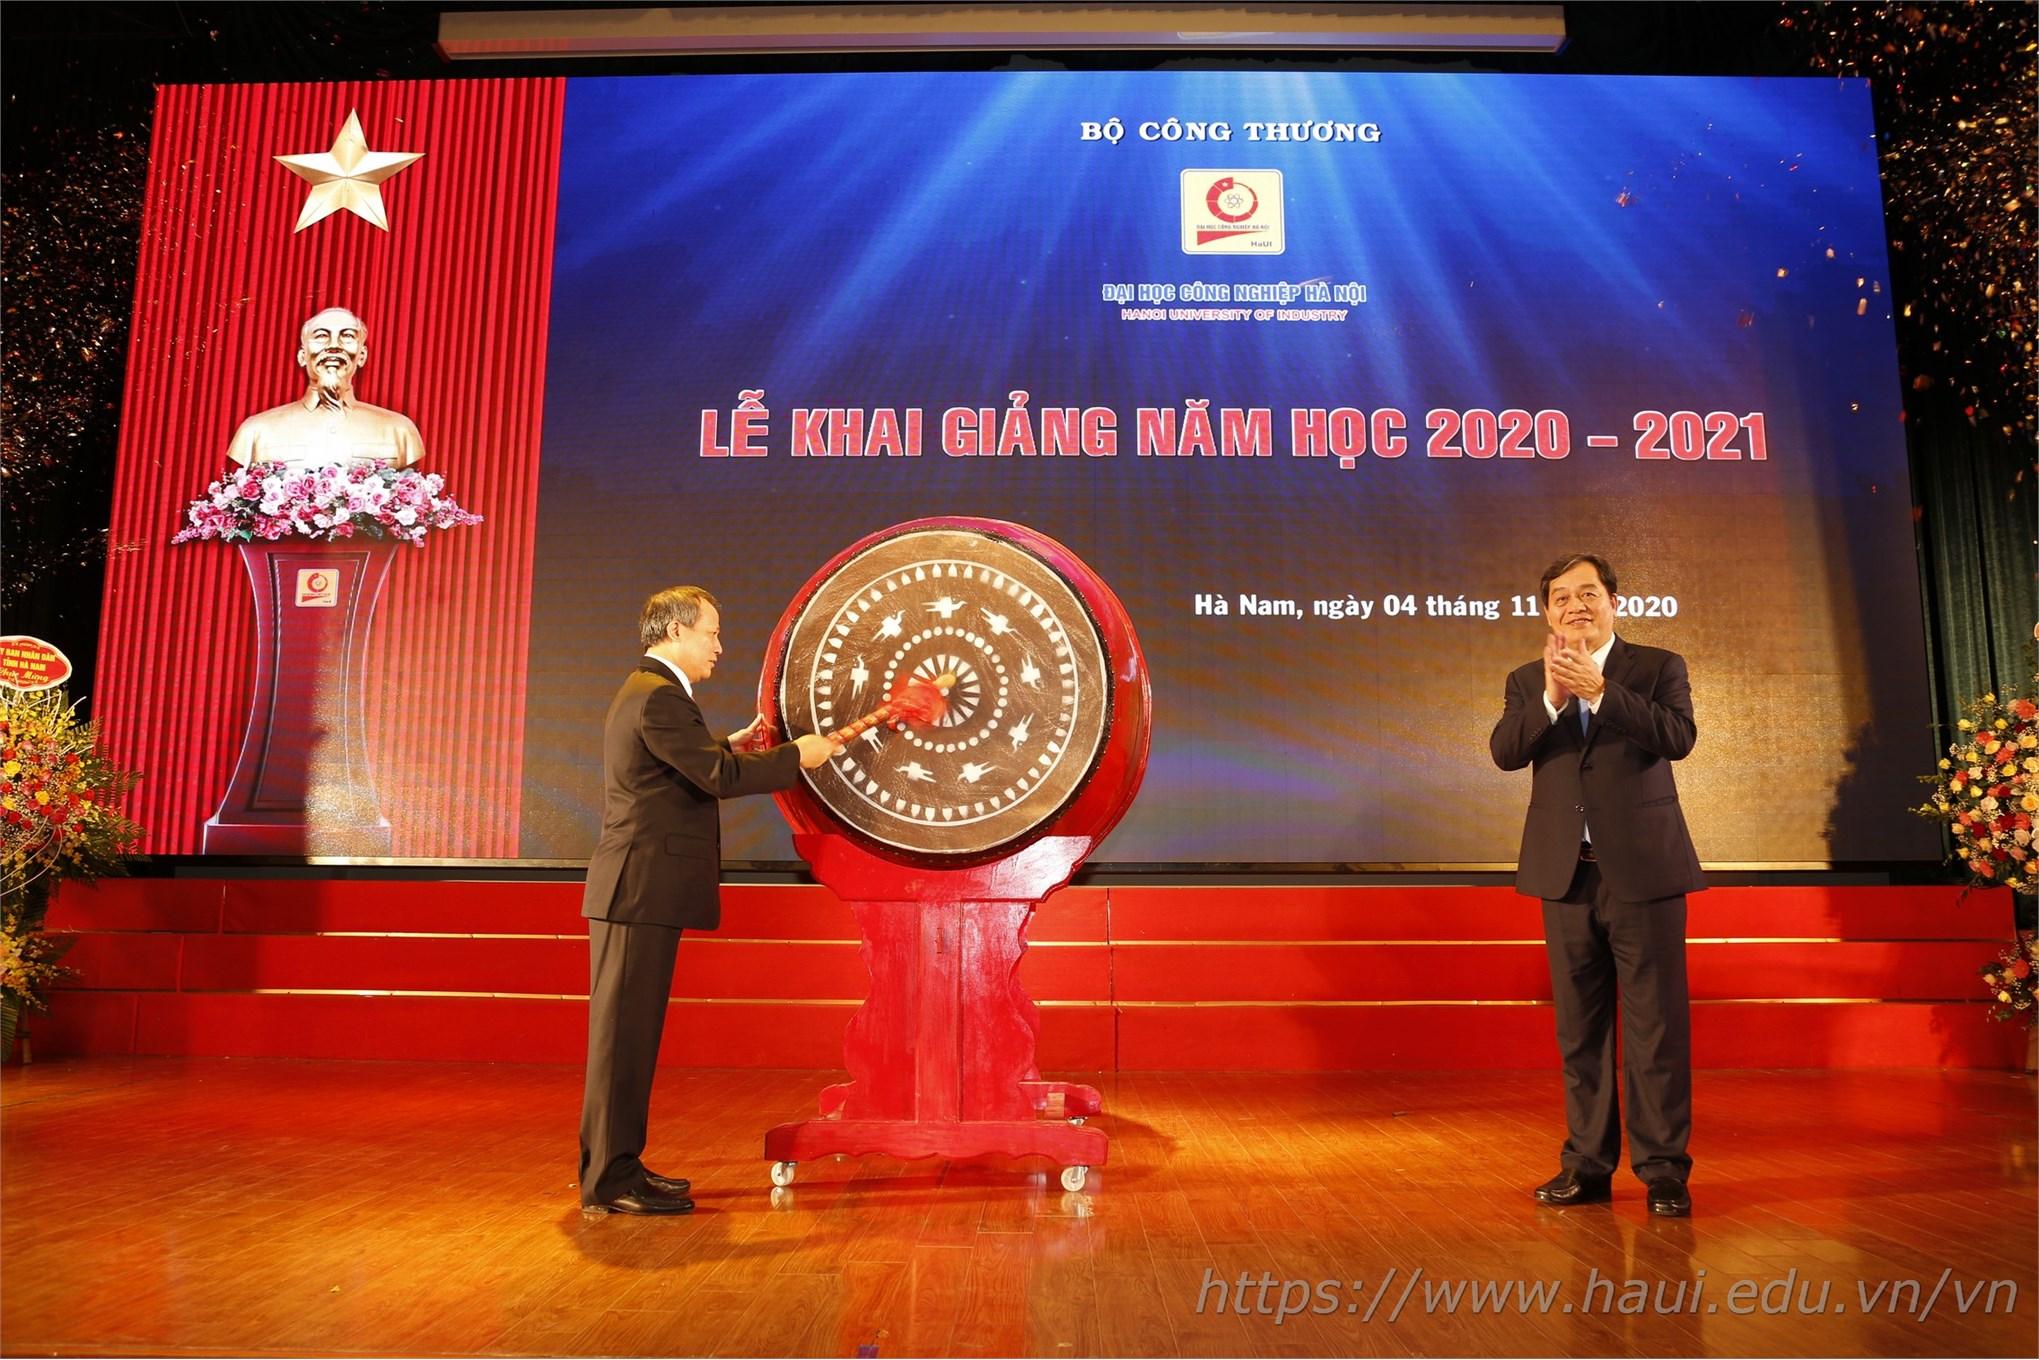 Thứ trưởng Cao Quốc Hưng gióng hồi trống khai giảng năm học 2020 – 2021, chúc mừng năm học thứ 123 của ĐHCNHN